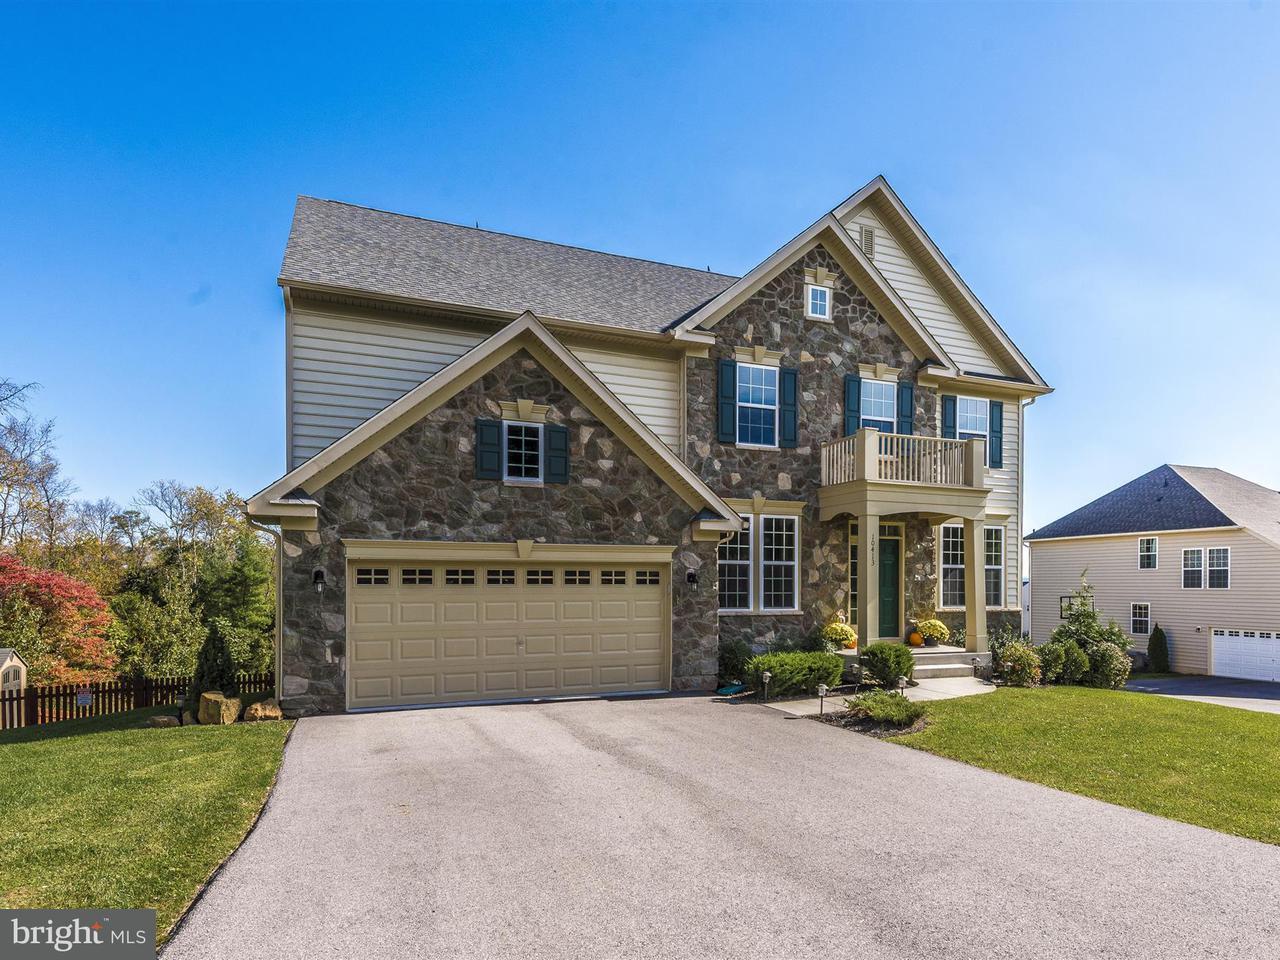 獨棟家庭住宅 為 出售 在 10413 Easterday Road 10413 Easterday Road Myersville, 馬里蘭州 21773 美國